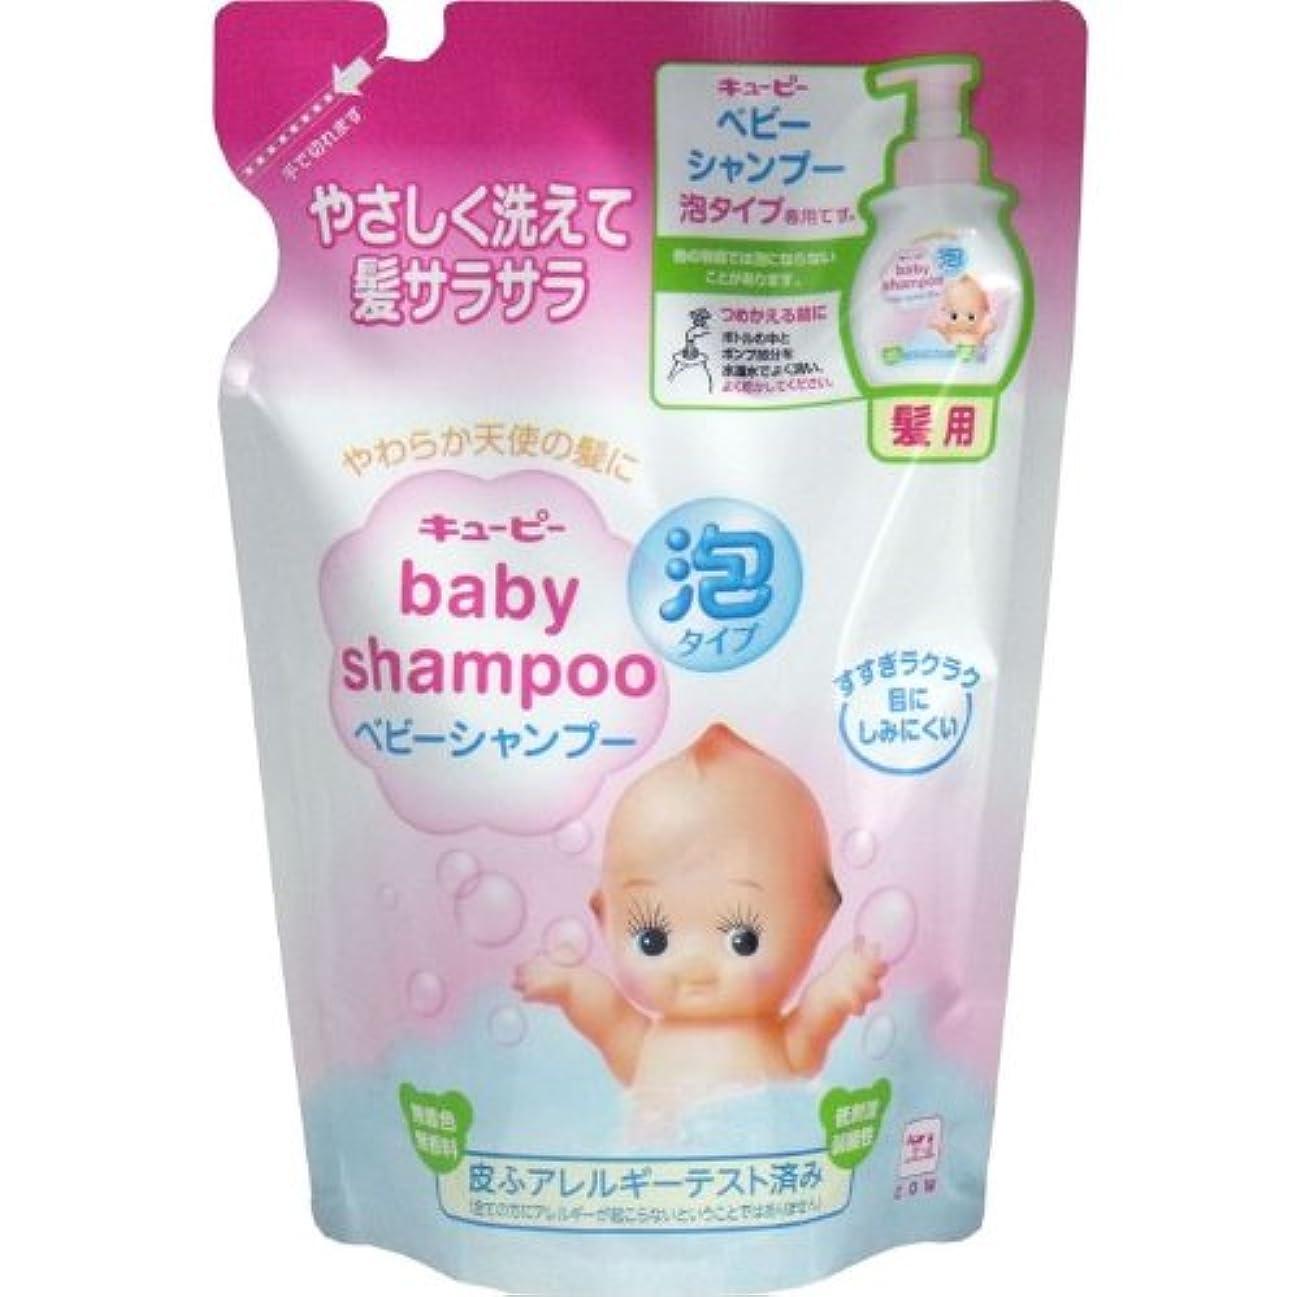 パイント兄弟愛違法泡でラクラクやさしく洗える!赤ちゃんの髪をやさしく整え、地肌もすこやか 詰替用 300mL【5個セット】